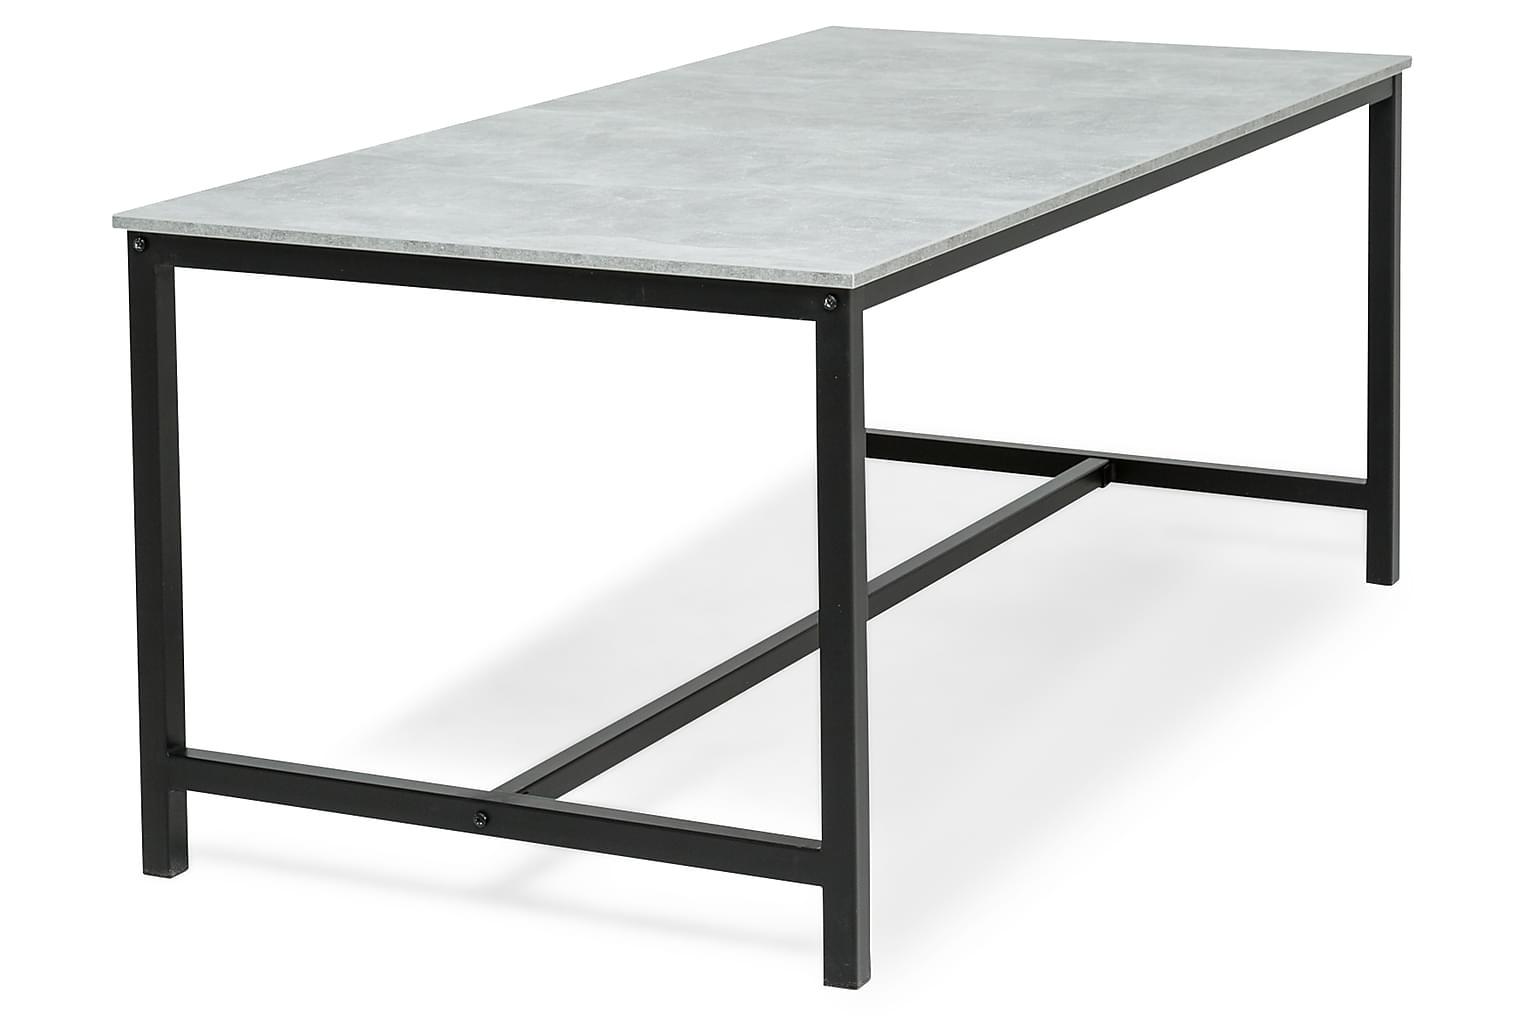 BECKY Ruokapöytä 180x90 cm Musta/Betoni